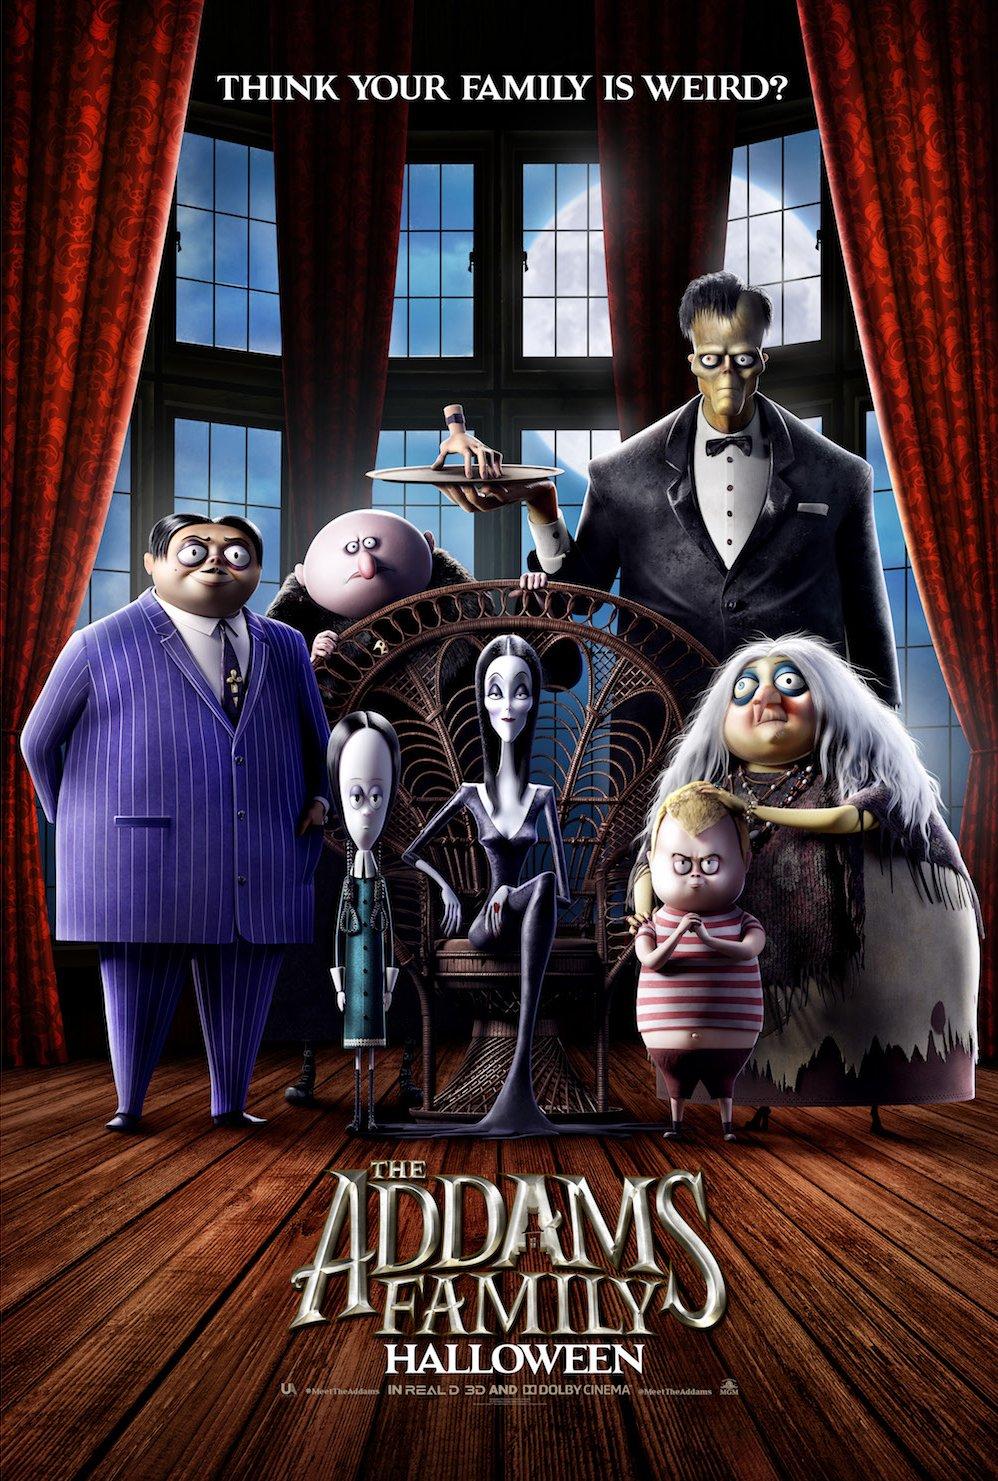 the addams family movie poster - Trailer de la película animada de Los Locos Addams